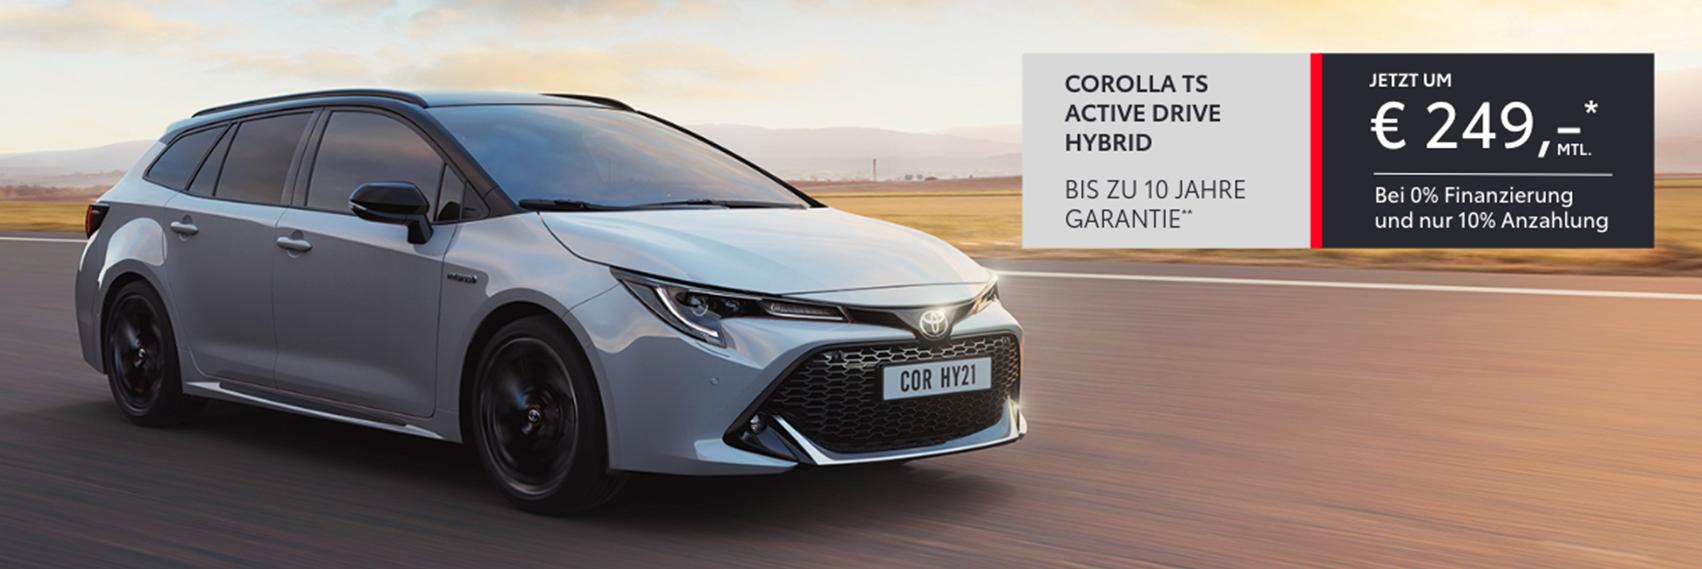 2021 Q2 Q3 Corolla